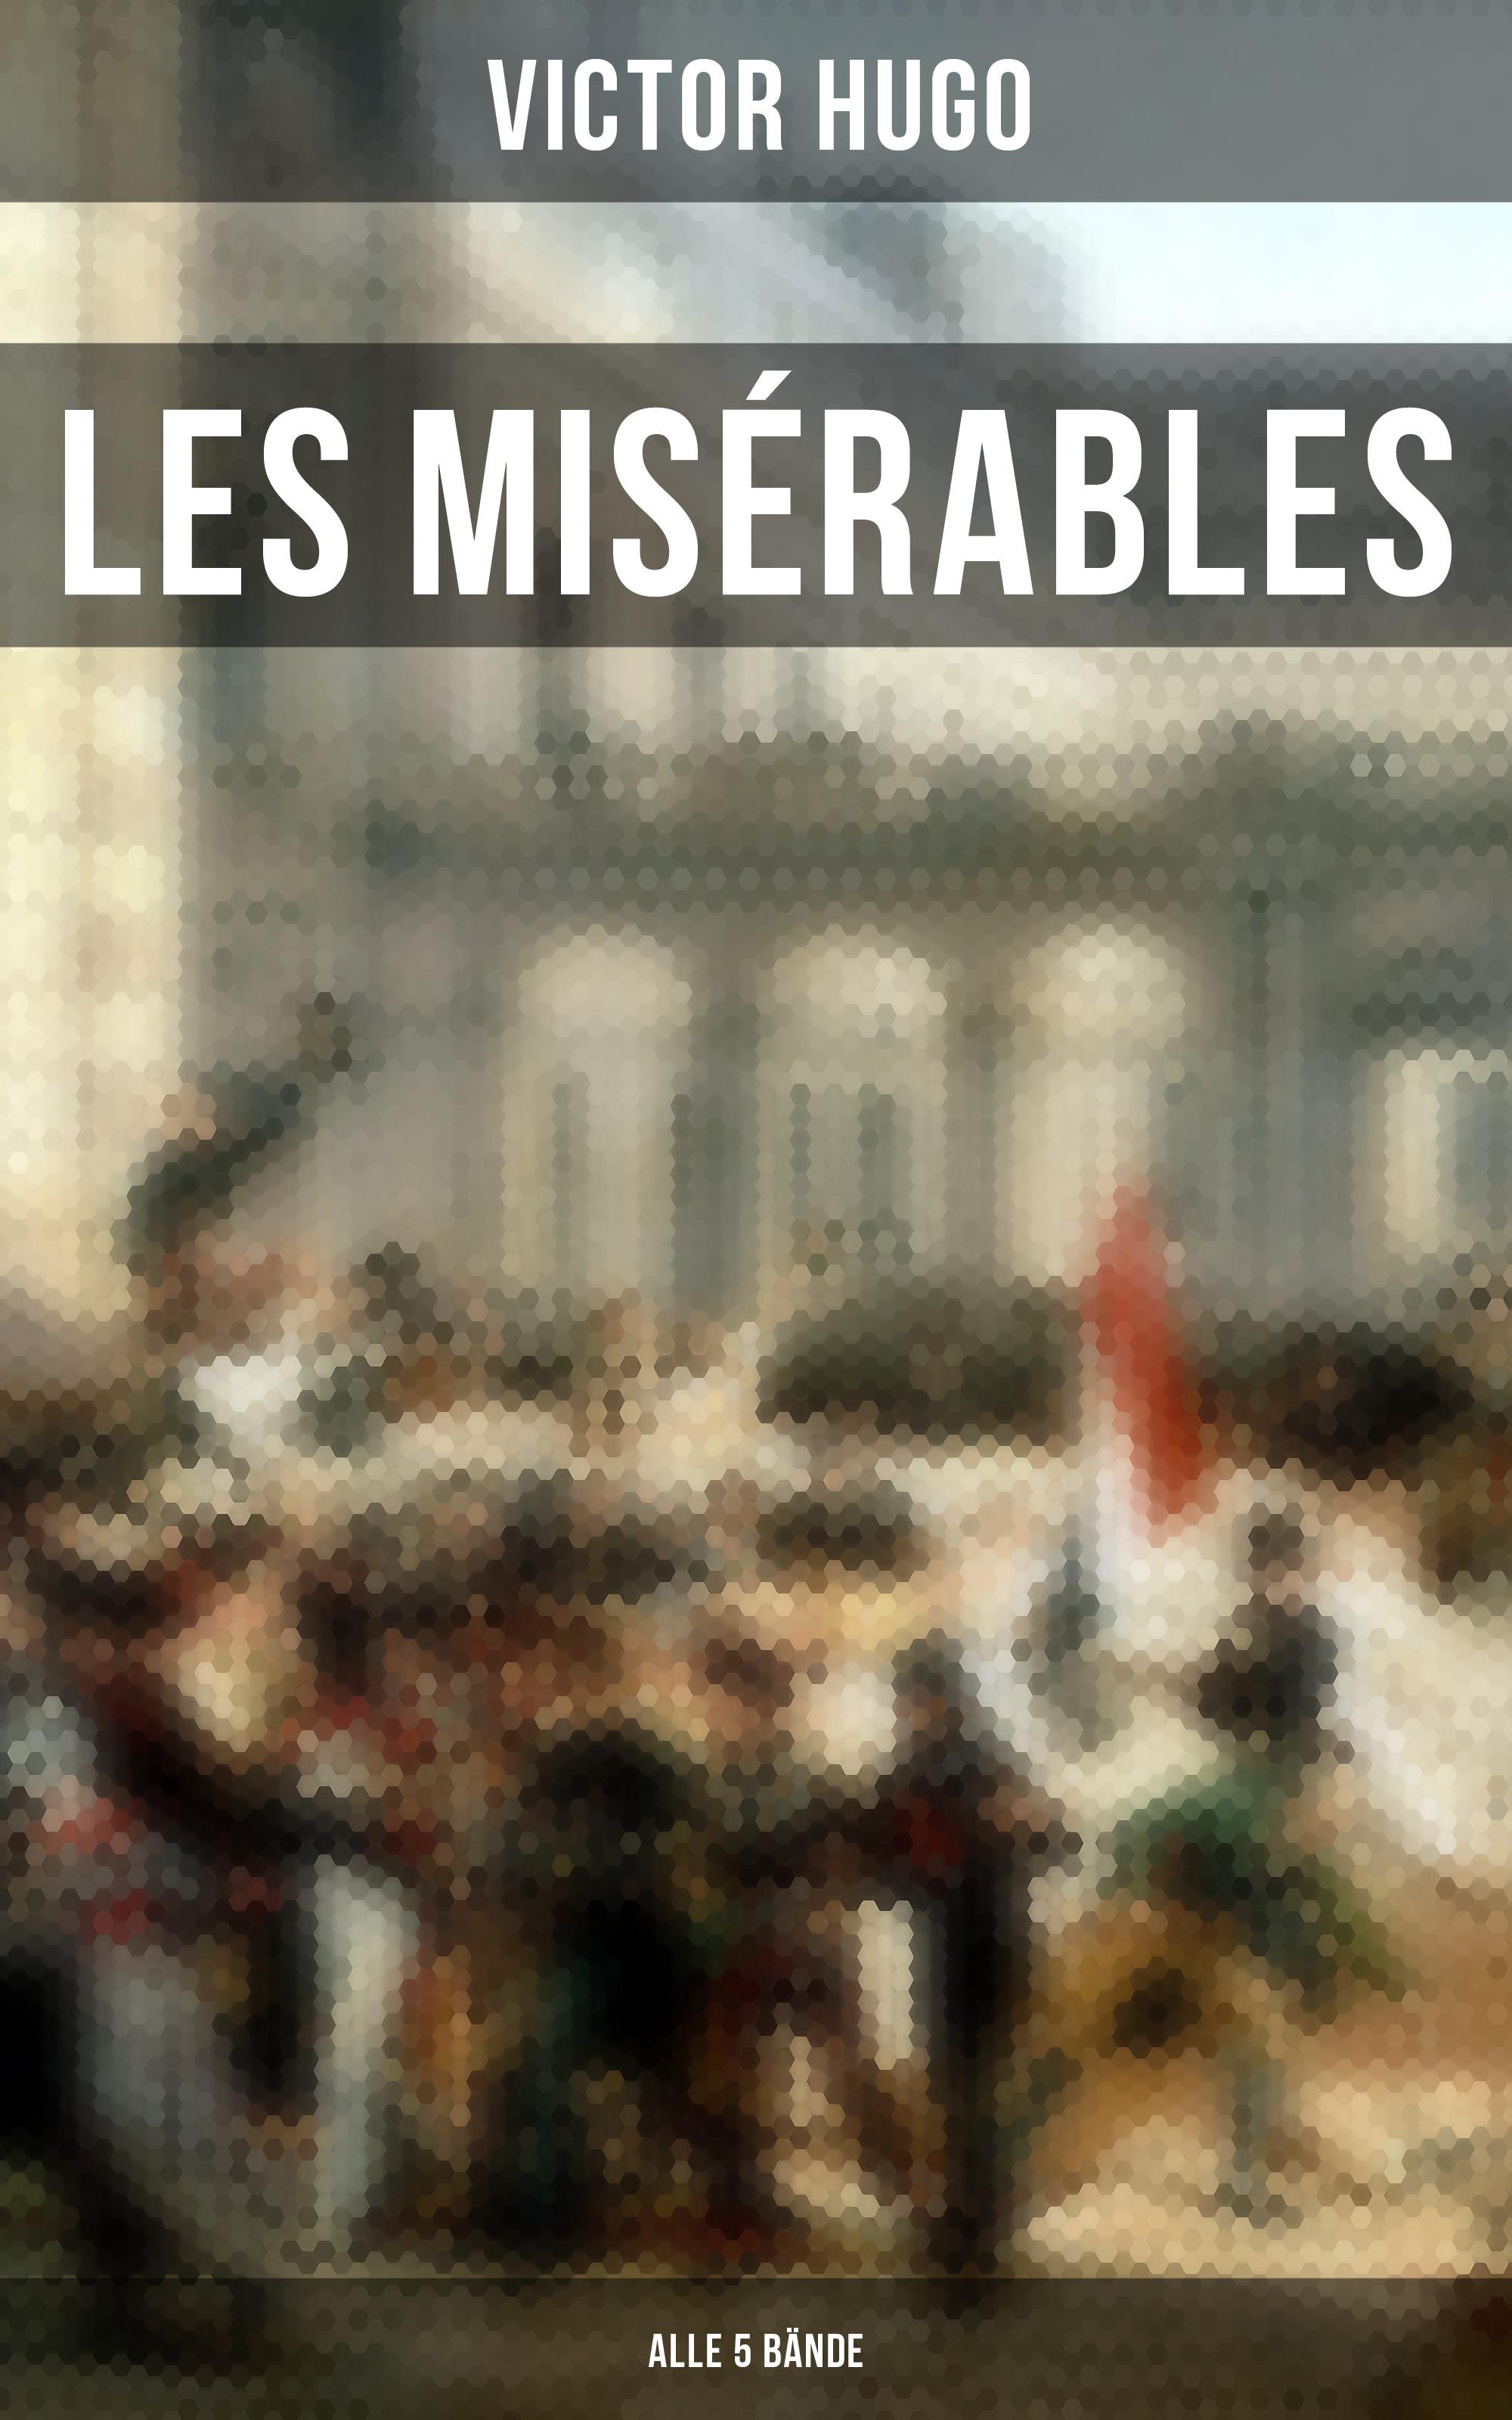 Les Misérables (Alle 5 Bände)